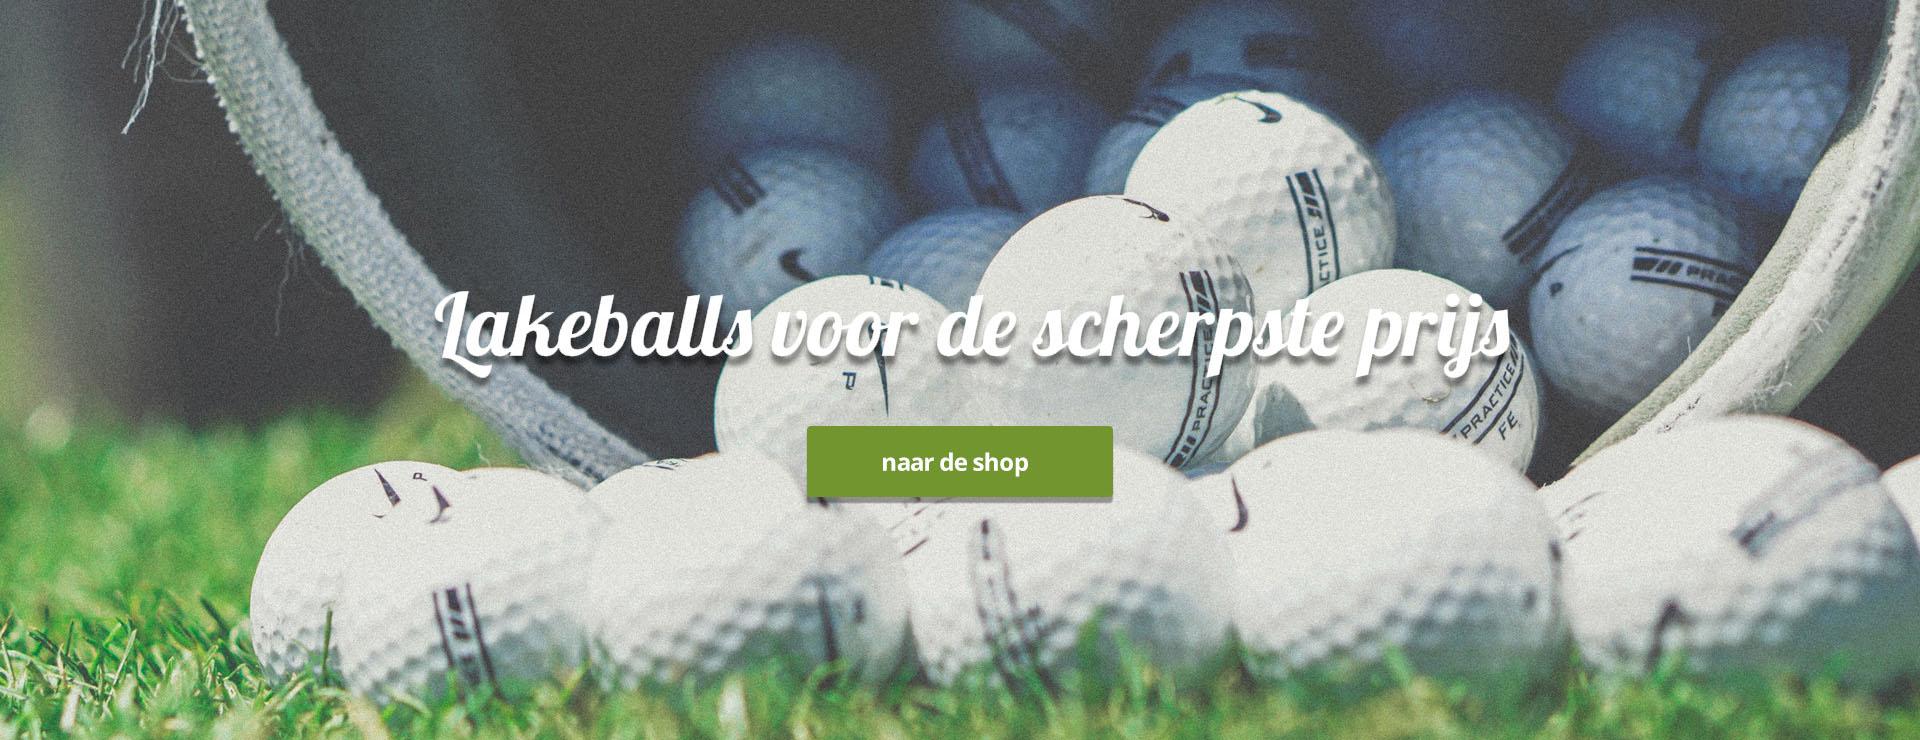 Goedkope lakeballs golfballen online kopen